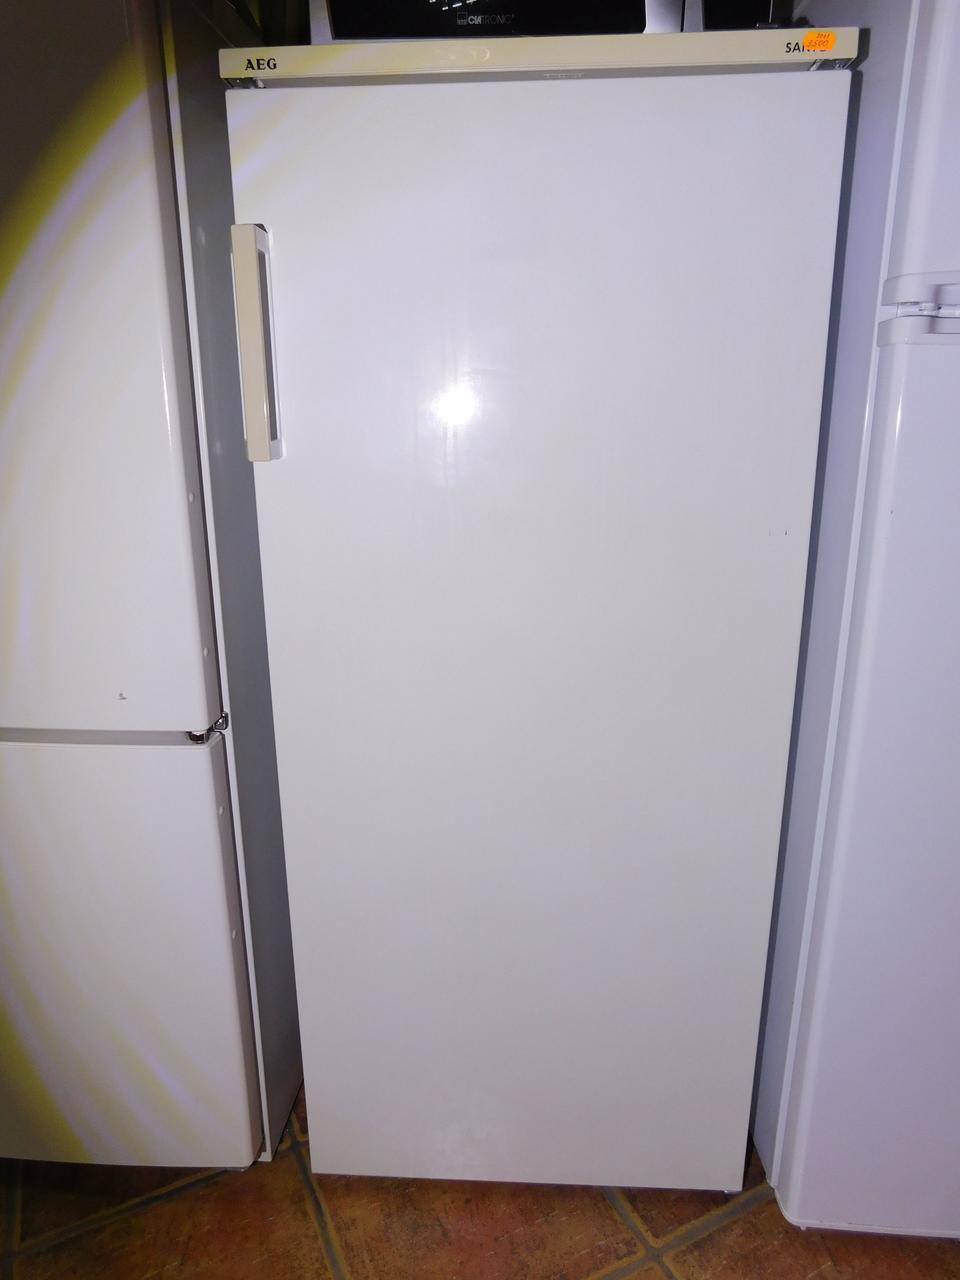 Холодильник AEG Santo,однокамерный б\у с гарантией, Германия